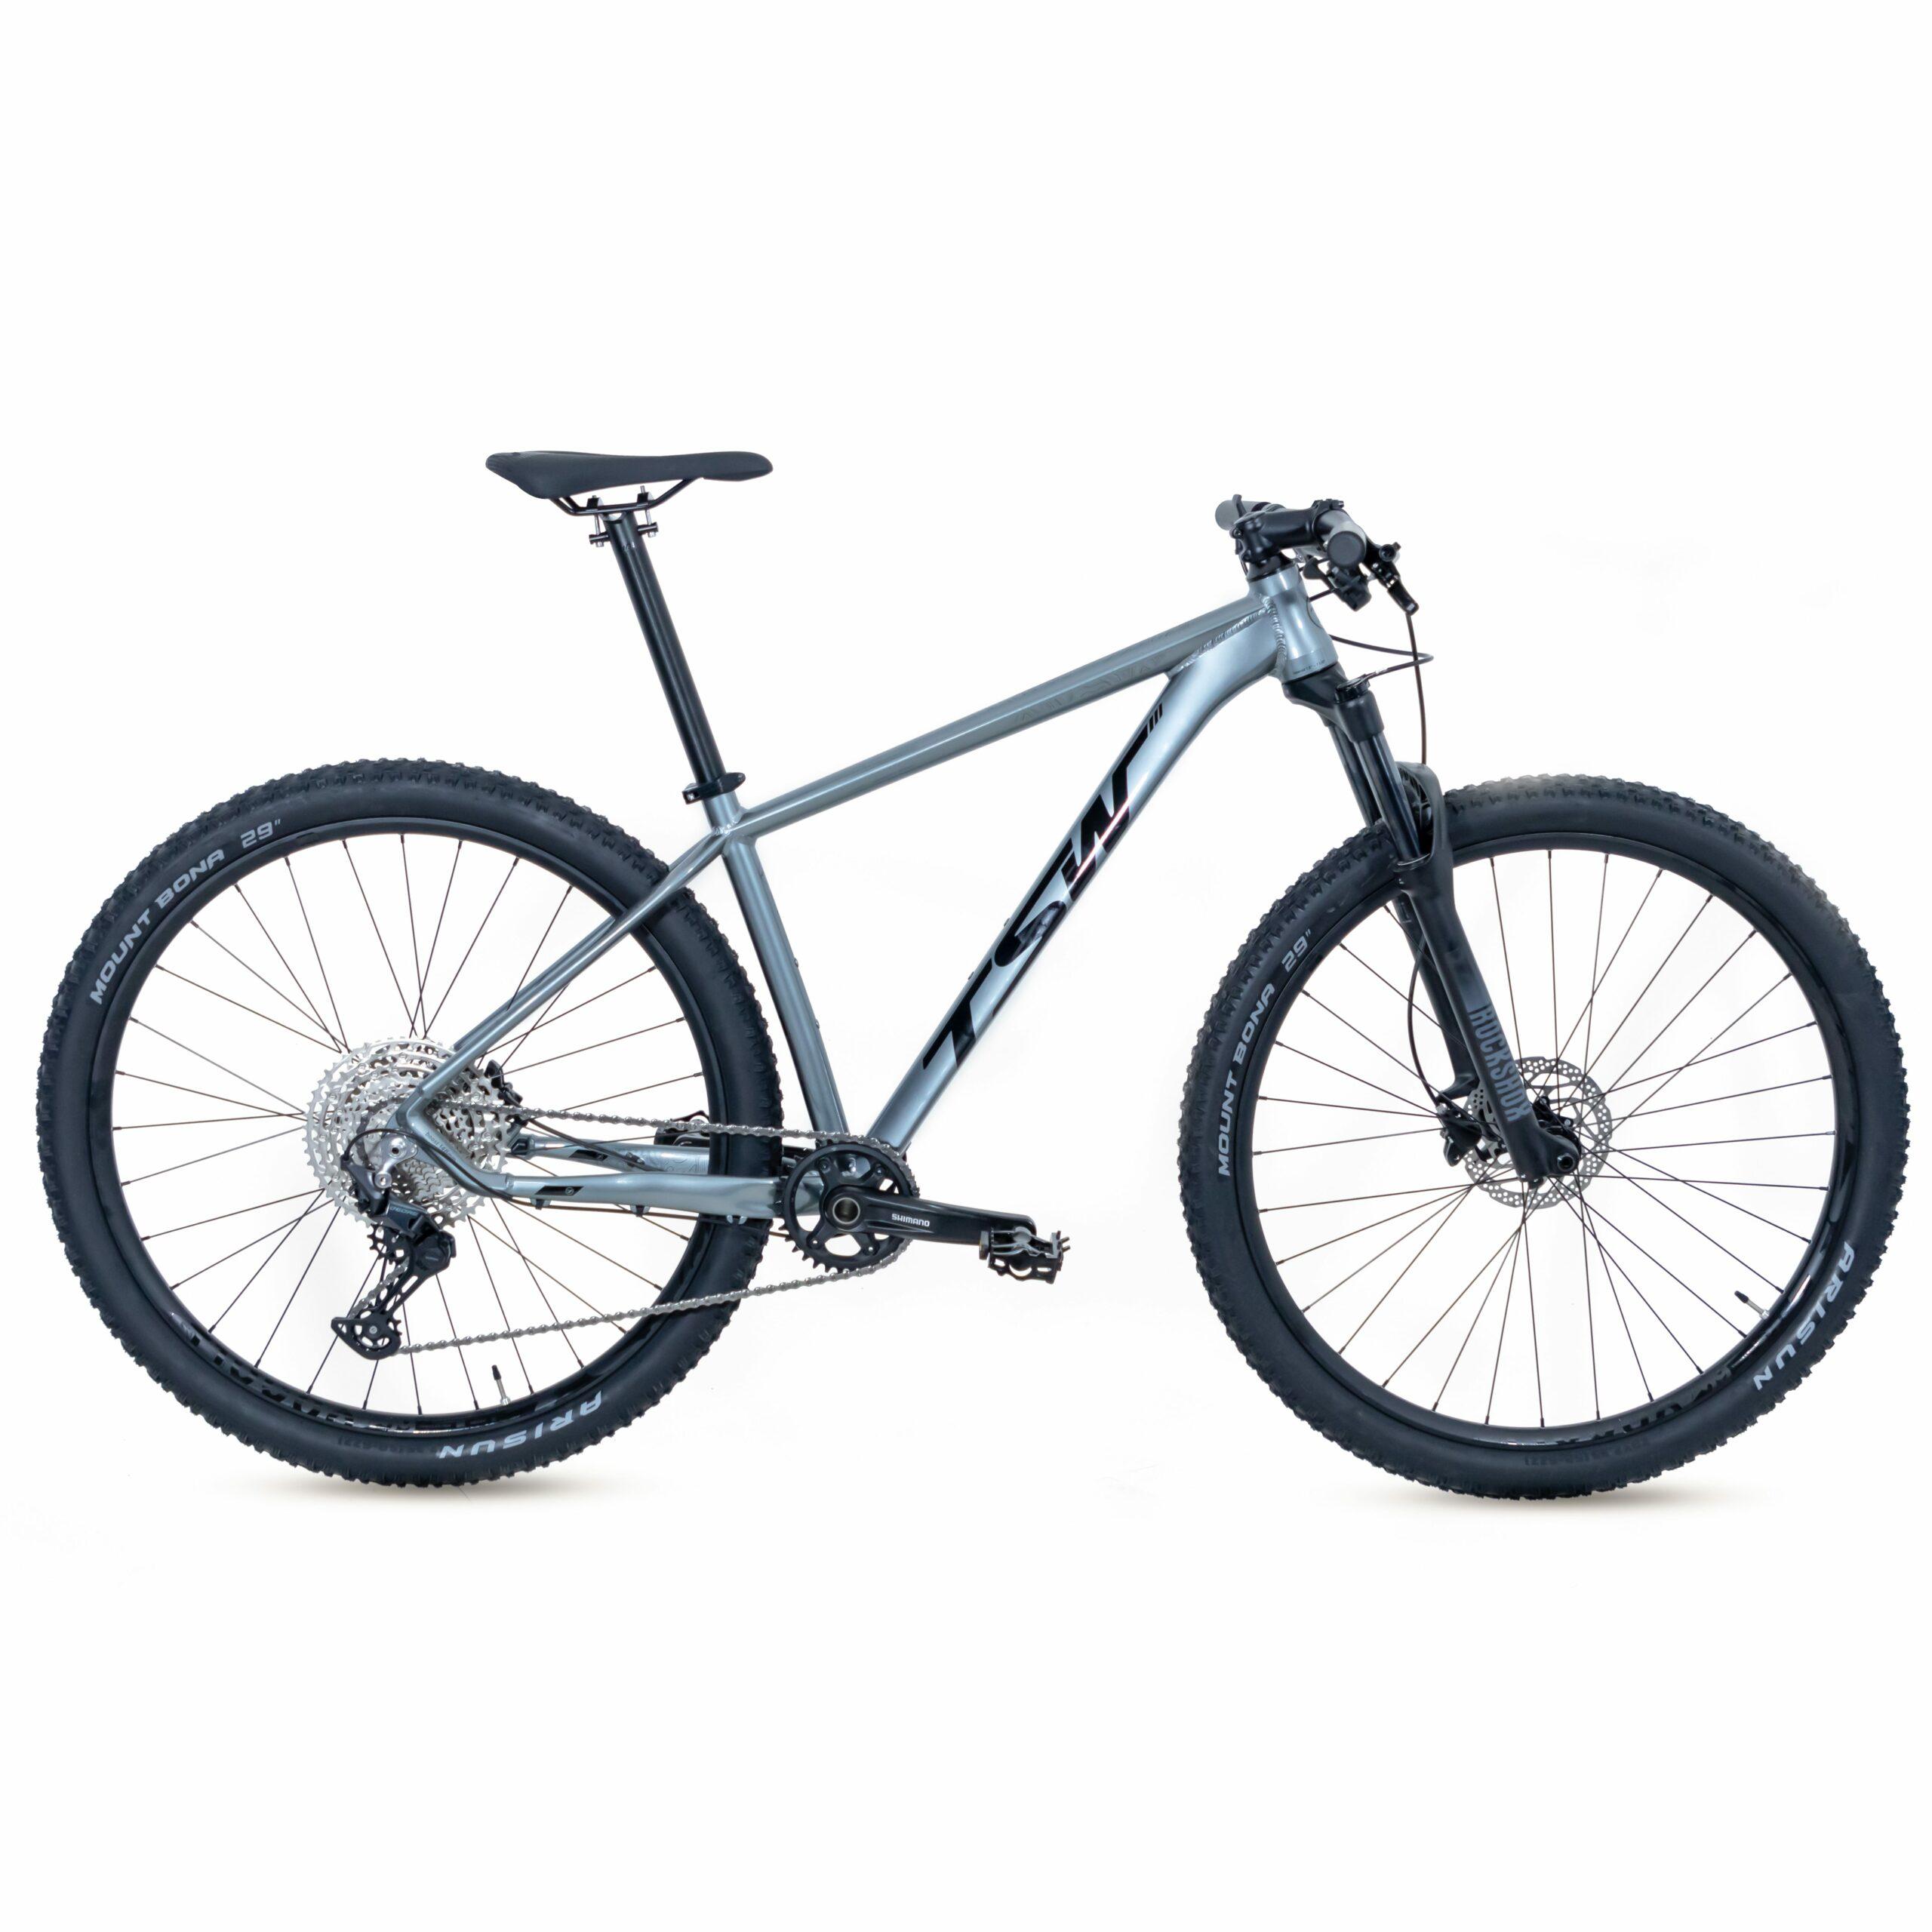 Bicicleta TSW Yukon   SH-12   2021/2022 3